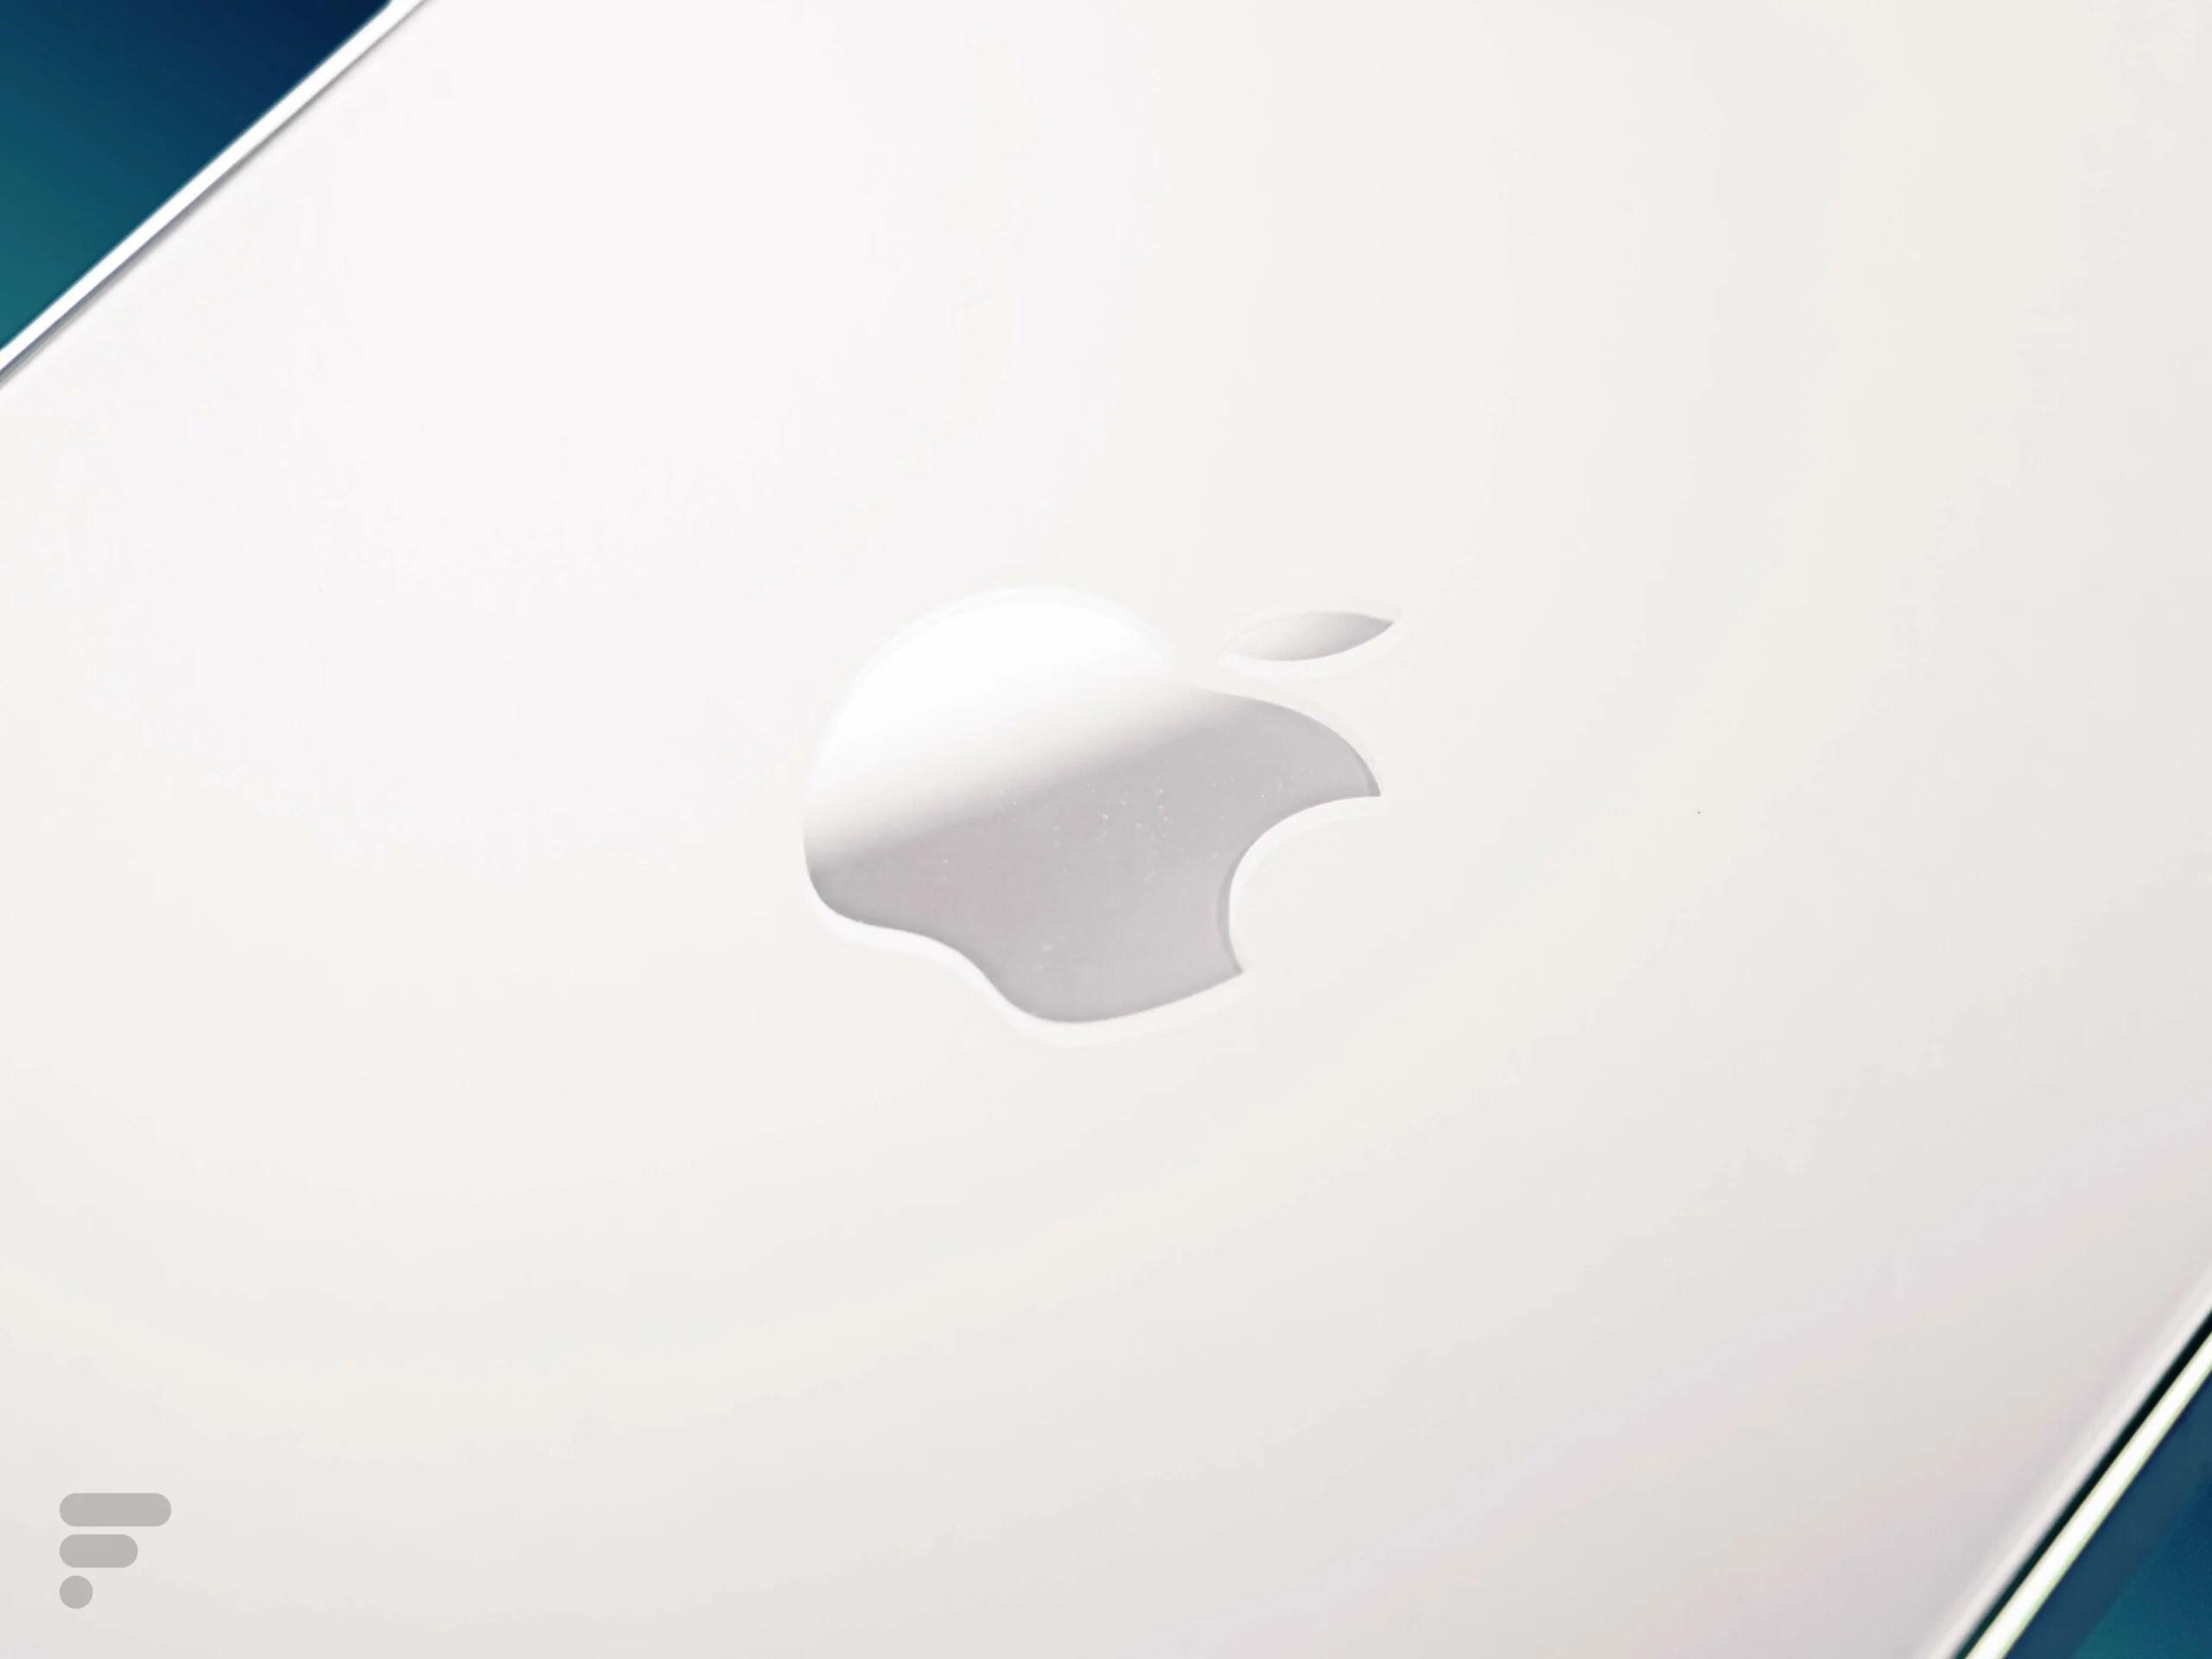 Face au COVID, Apple réintroduirait Touch ID sur ses iPhone dès 2021